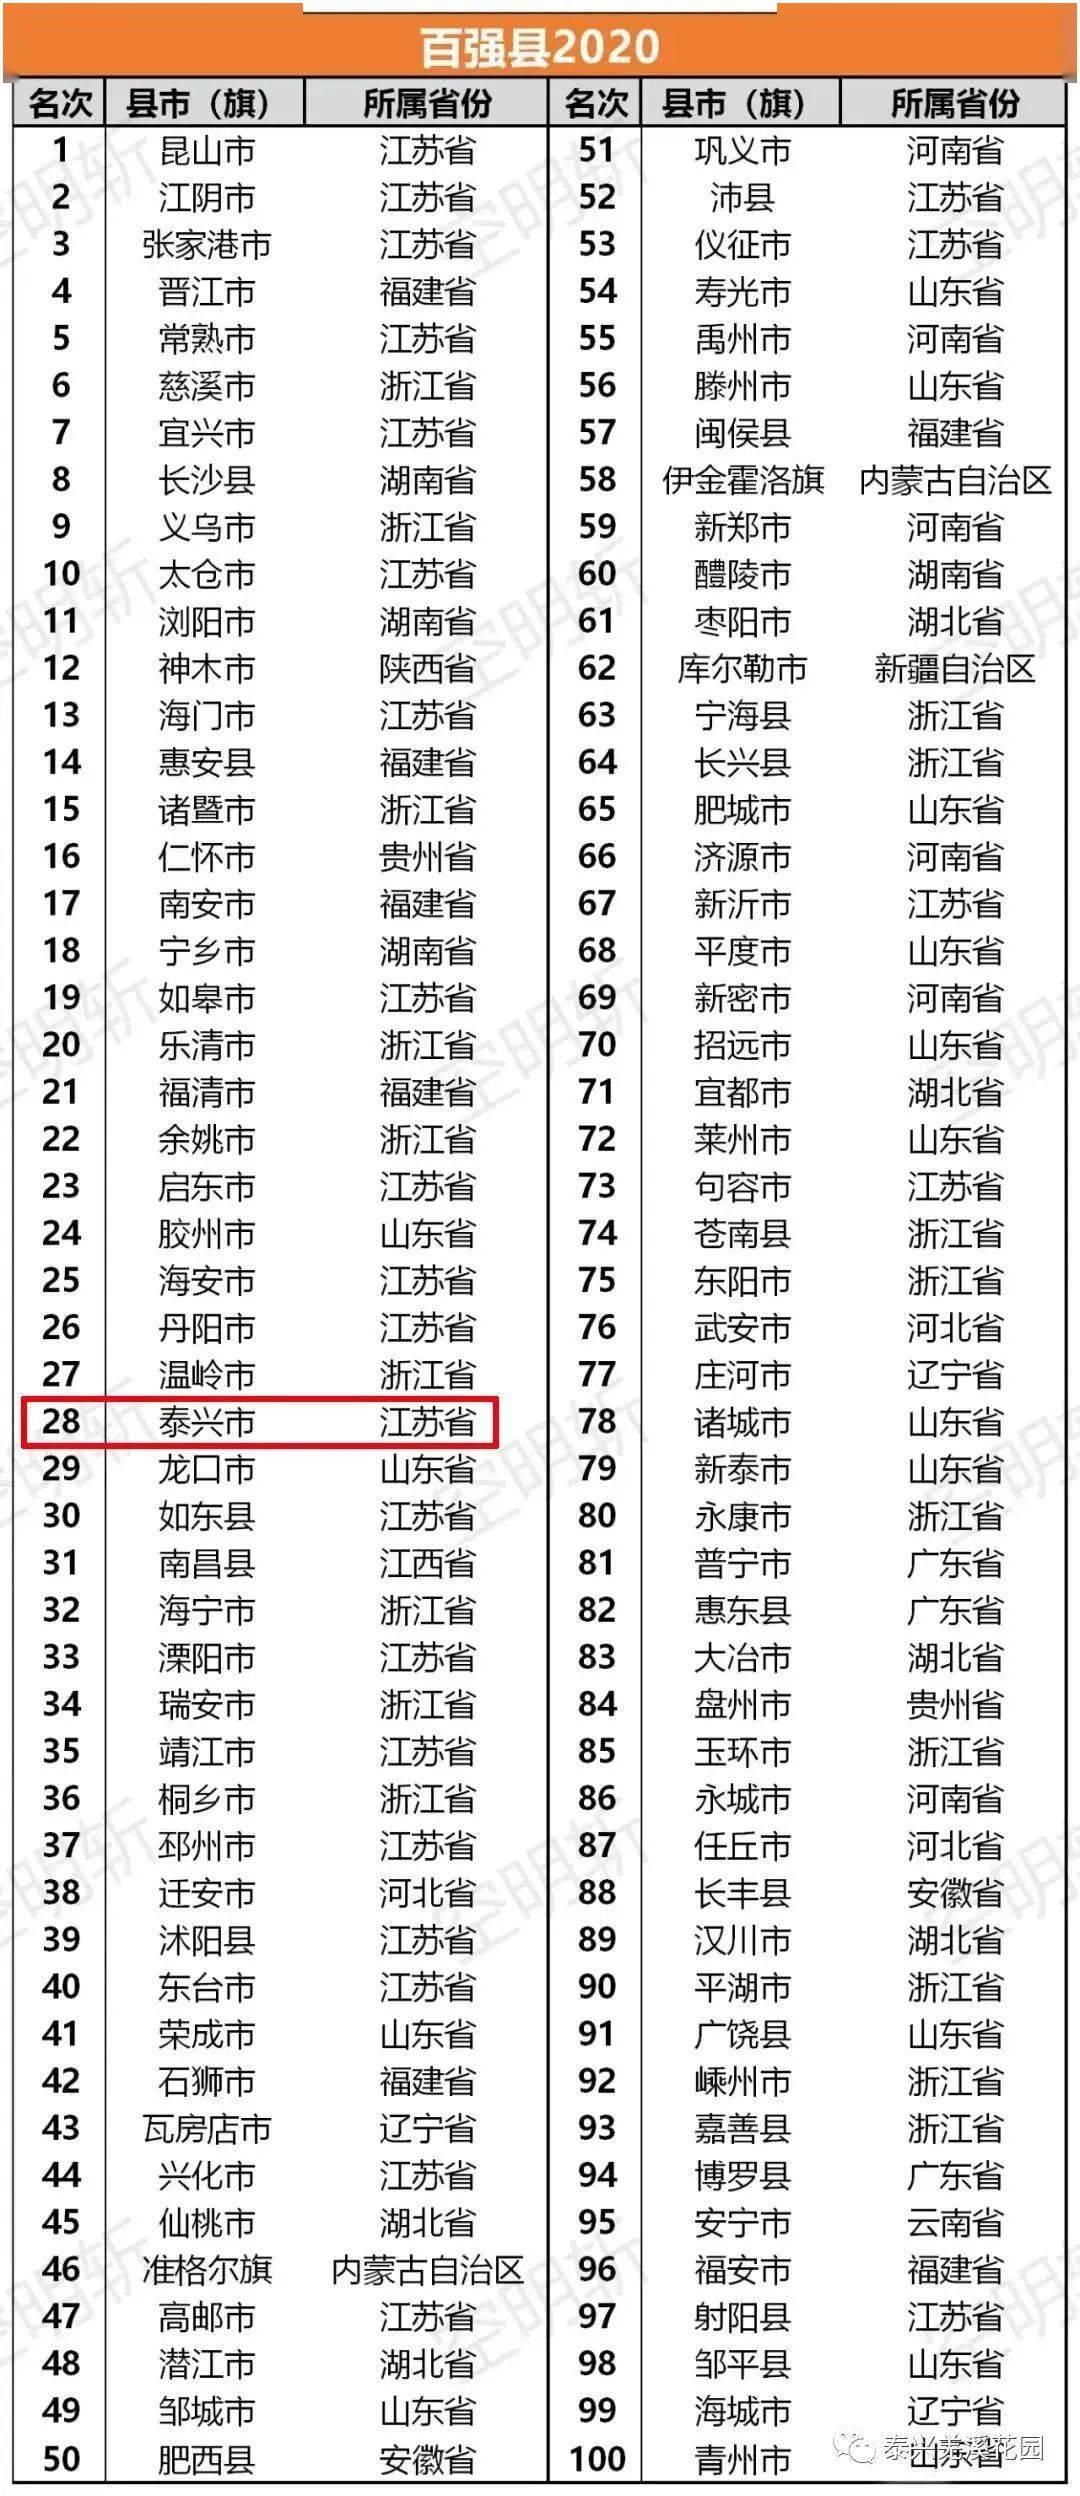 2020年大足龙水gdp_大足龙水